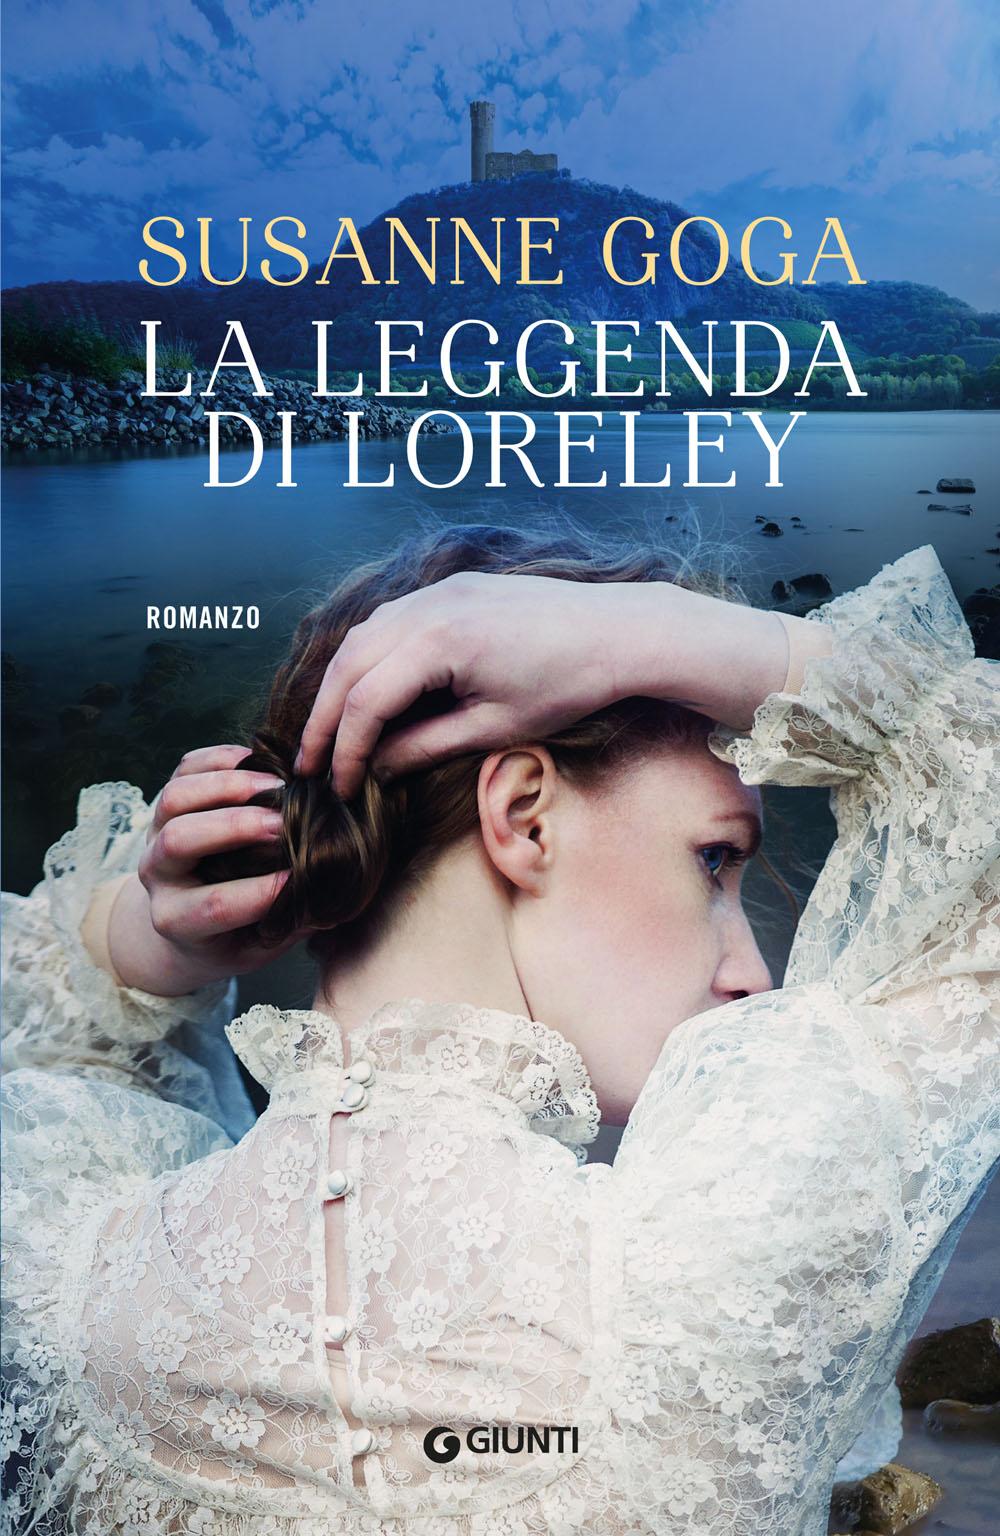 La leggenda di Loreley